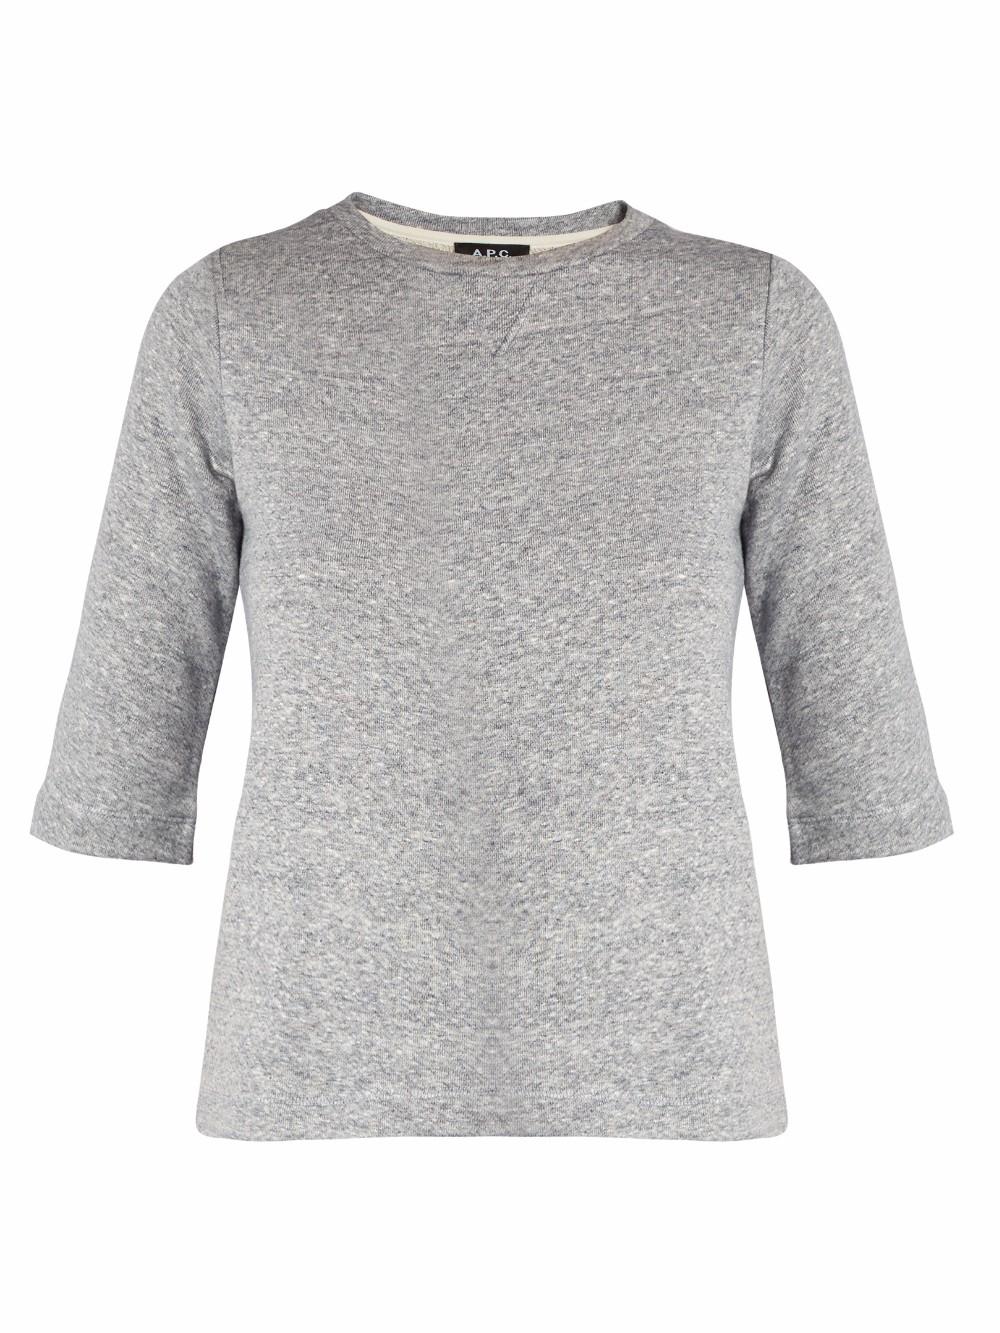 b8f68b0916ae6 womens crop top hoodies - Wholesale Custom Women Tops V neck Ladies  Sweatshirt Crop Fashion Hoodie